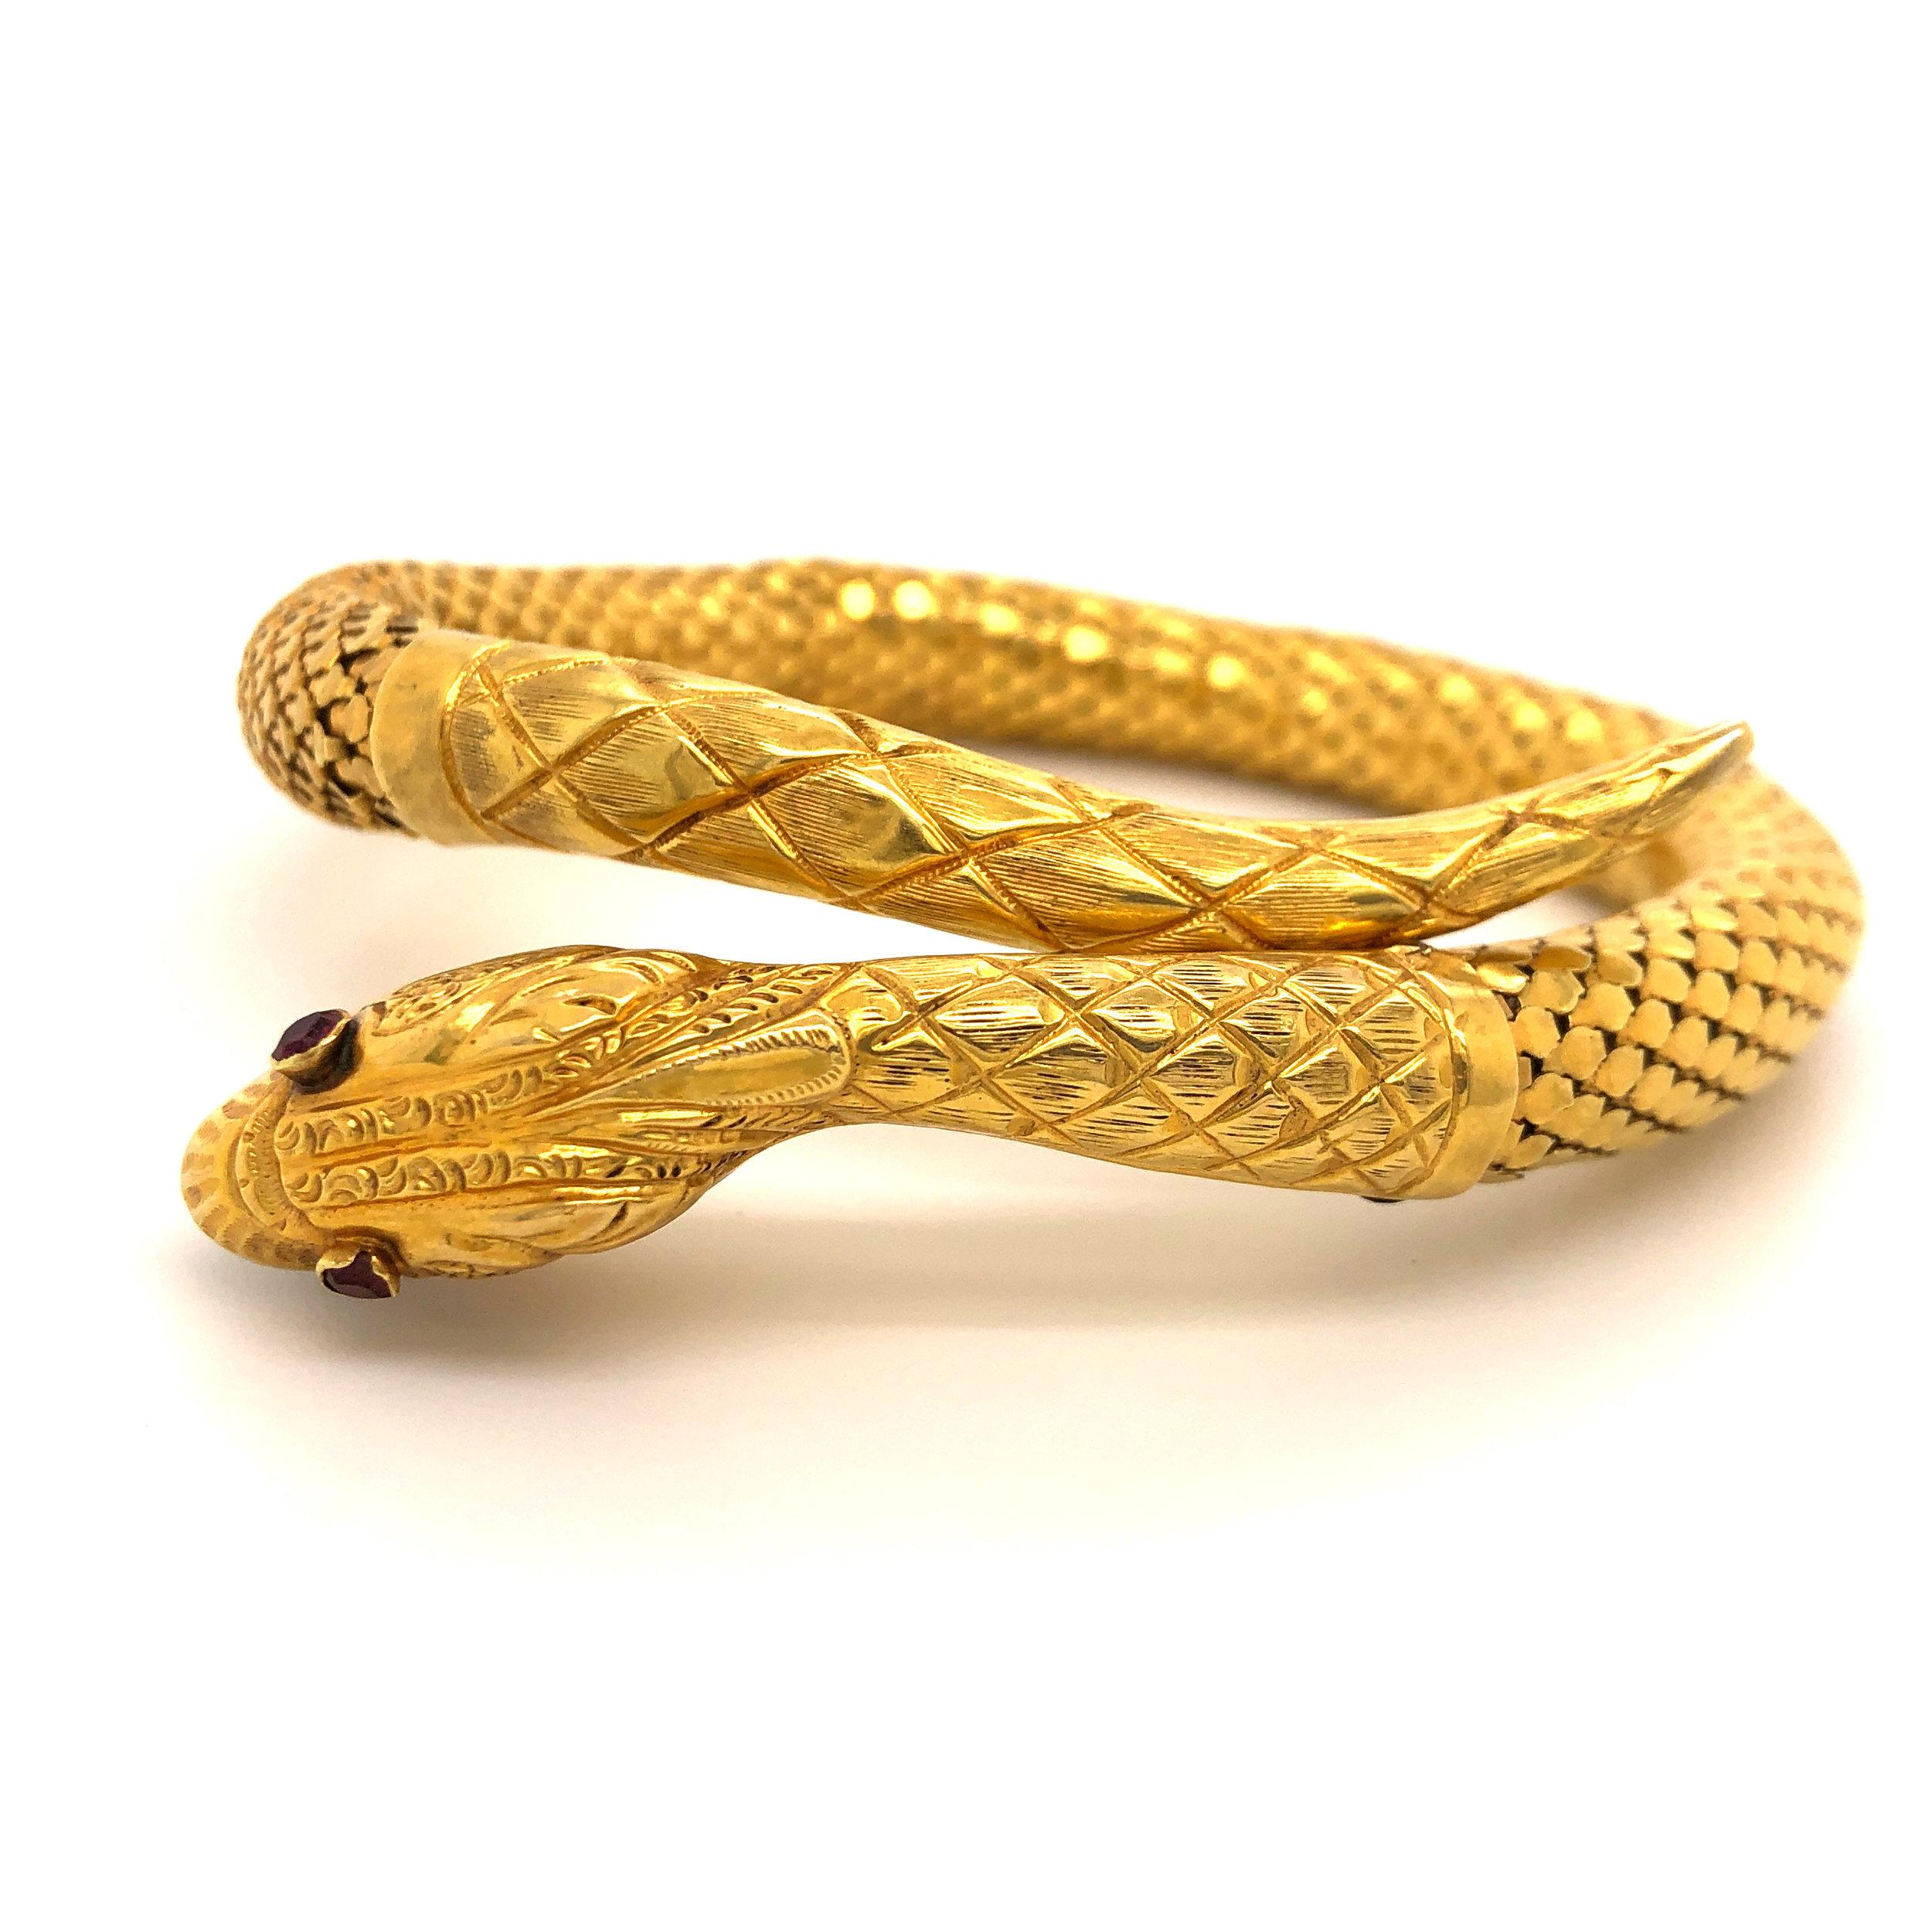 French Antique Snake Bracelet, 18kt Gold  Est. US$ 3,000-4,000